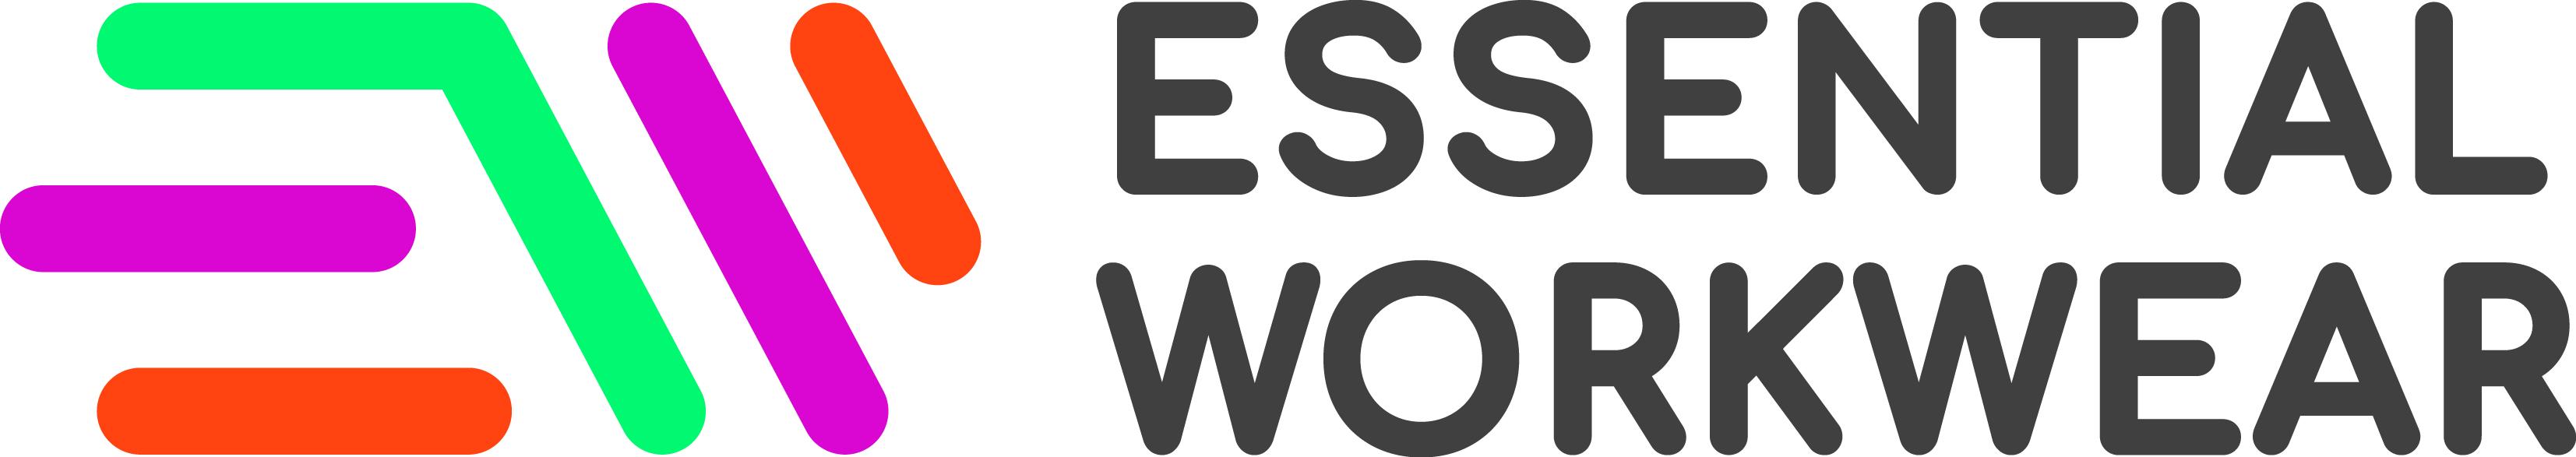 Essential Workwear Logo